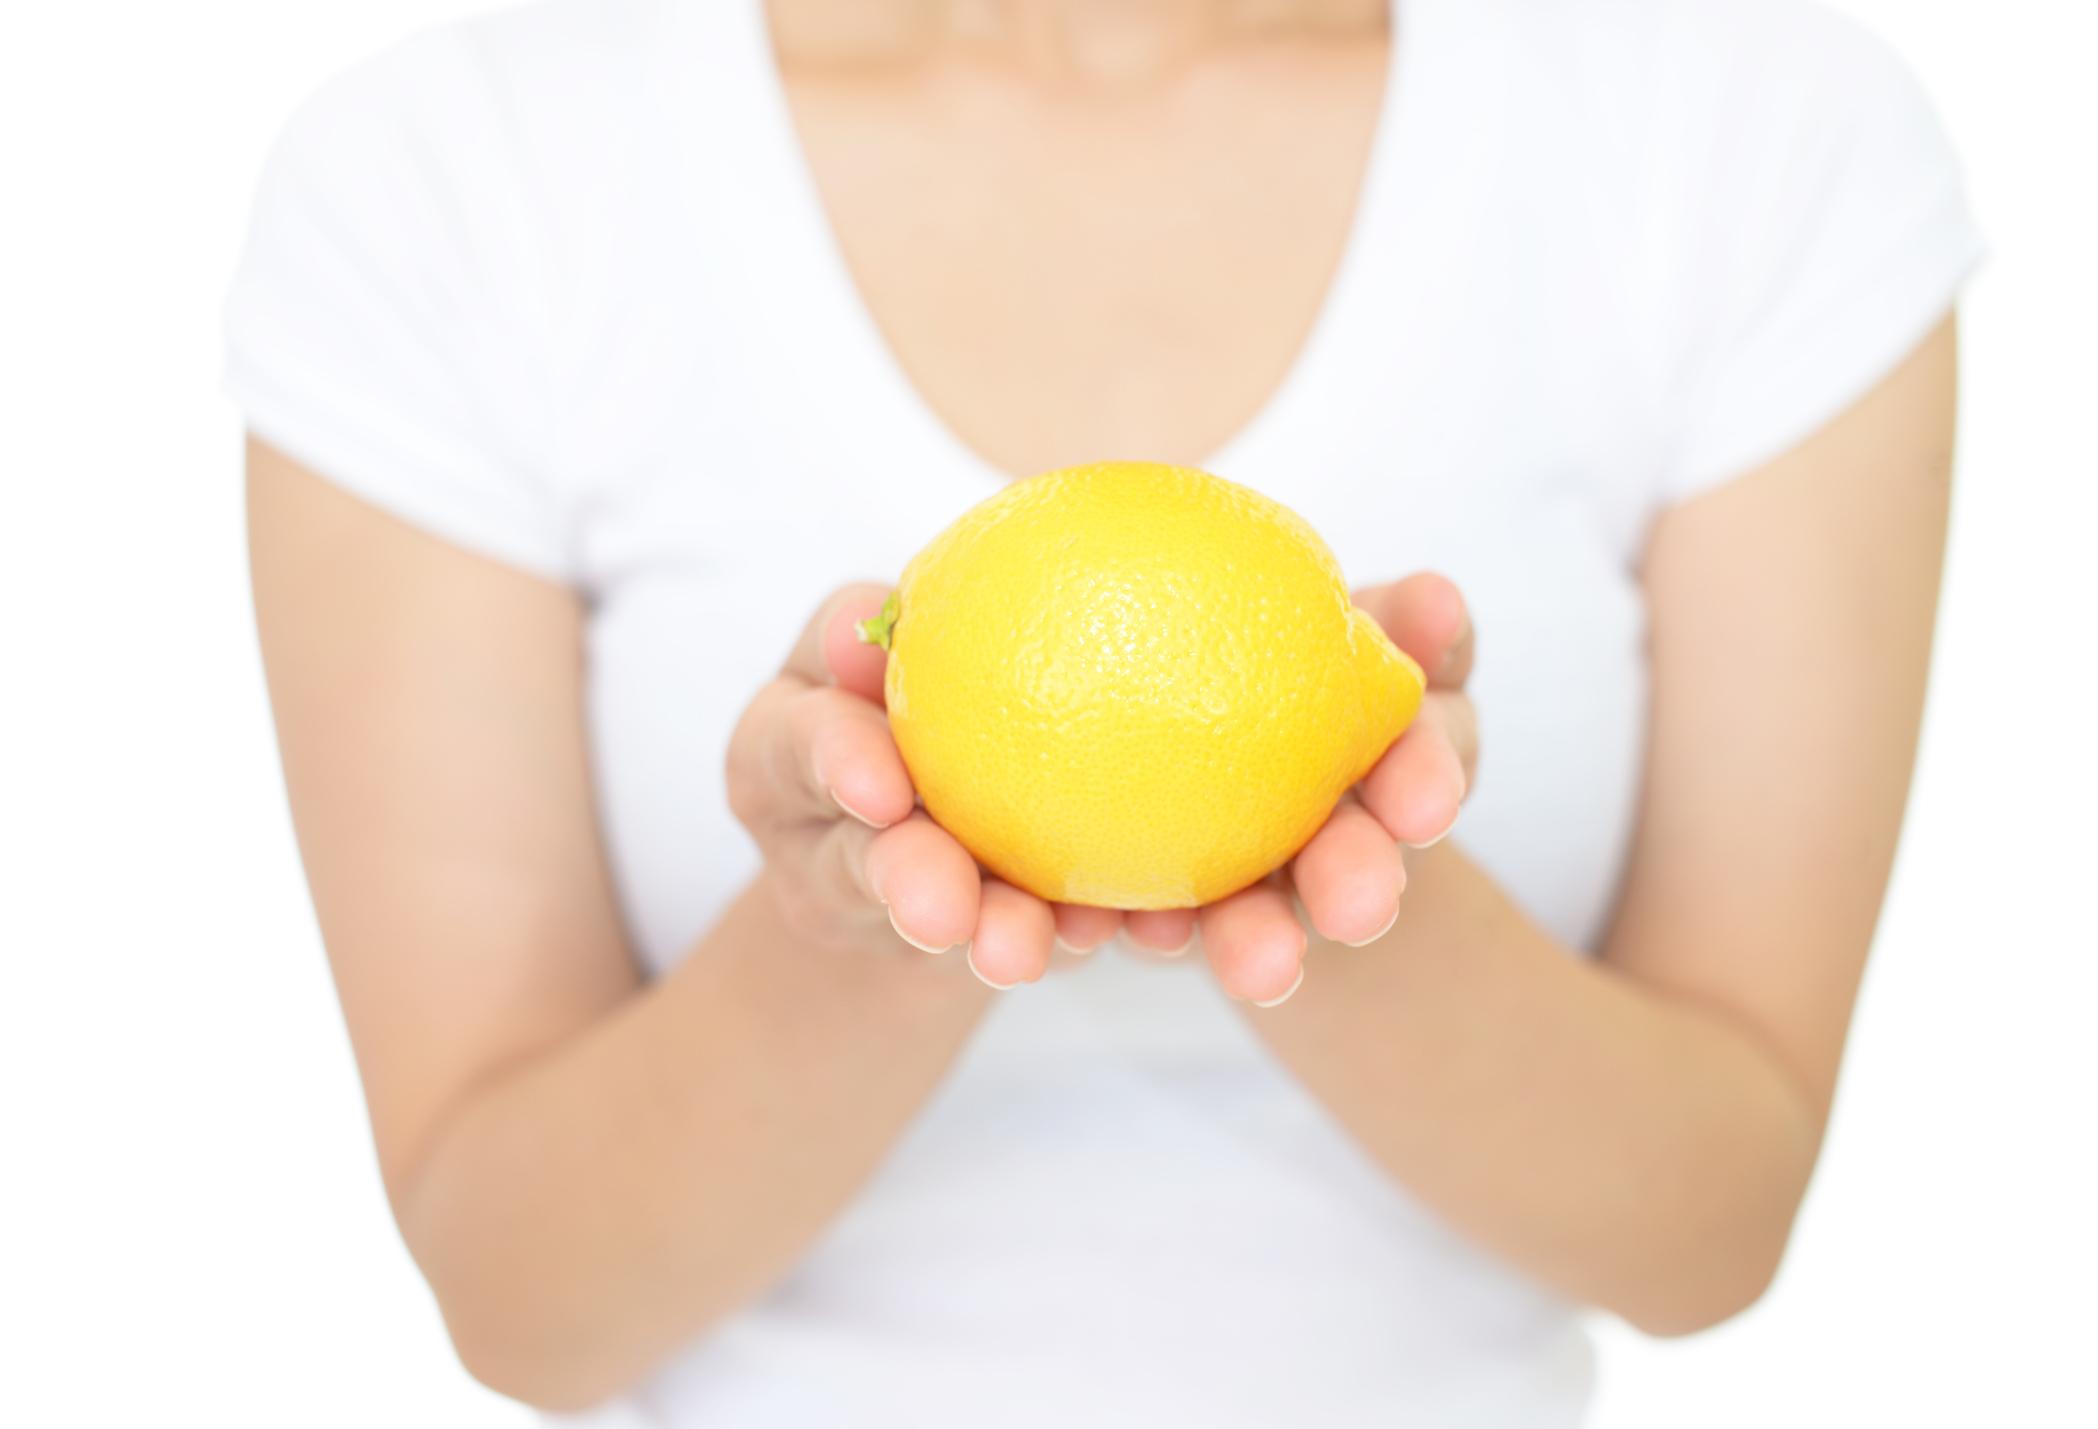 Цитрусови масла - Ако искате да се радвате на здрави нокътни плочки, има една хитрост как да го правите. Повечето професионални масла за нокти са с високо съдържание на масла от цитруси, които заздравяват и подхранват нокътните плочки. Домашен трик е просто да срежете един лимон на две, да вкарате пръсти в половинката и да постоите така 30-40 минути. Разбира се, трябва да сте без лак върху ноктите си.